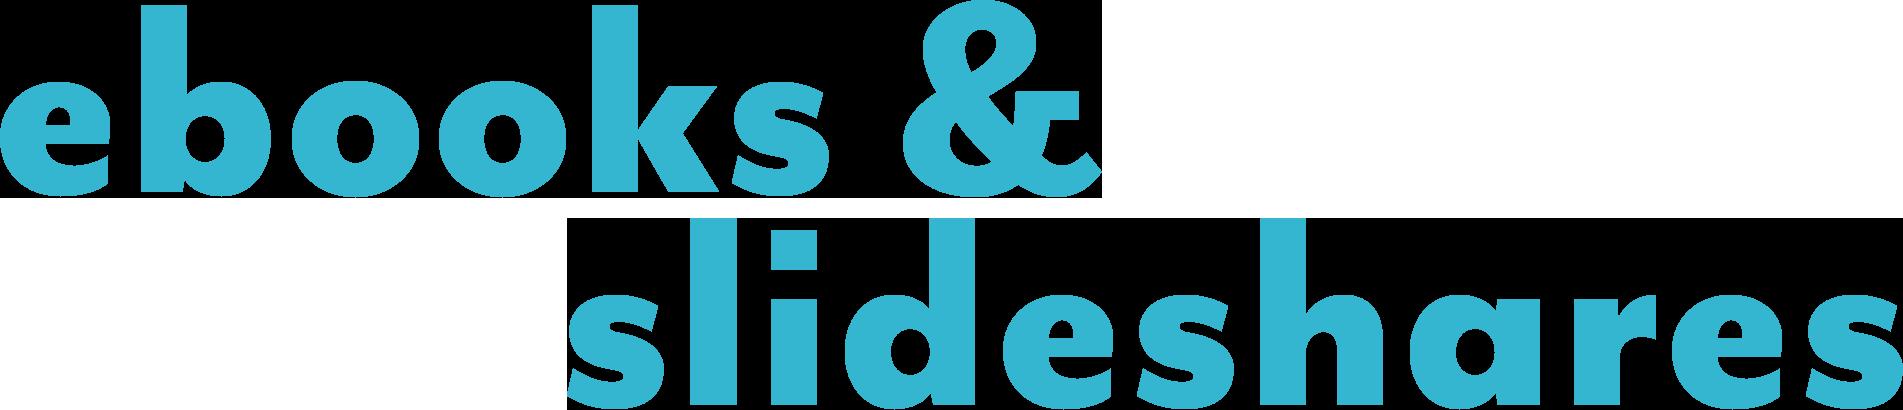 ebooks-slideshares.png